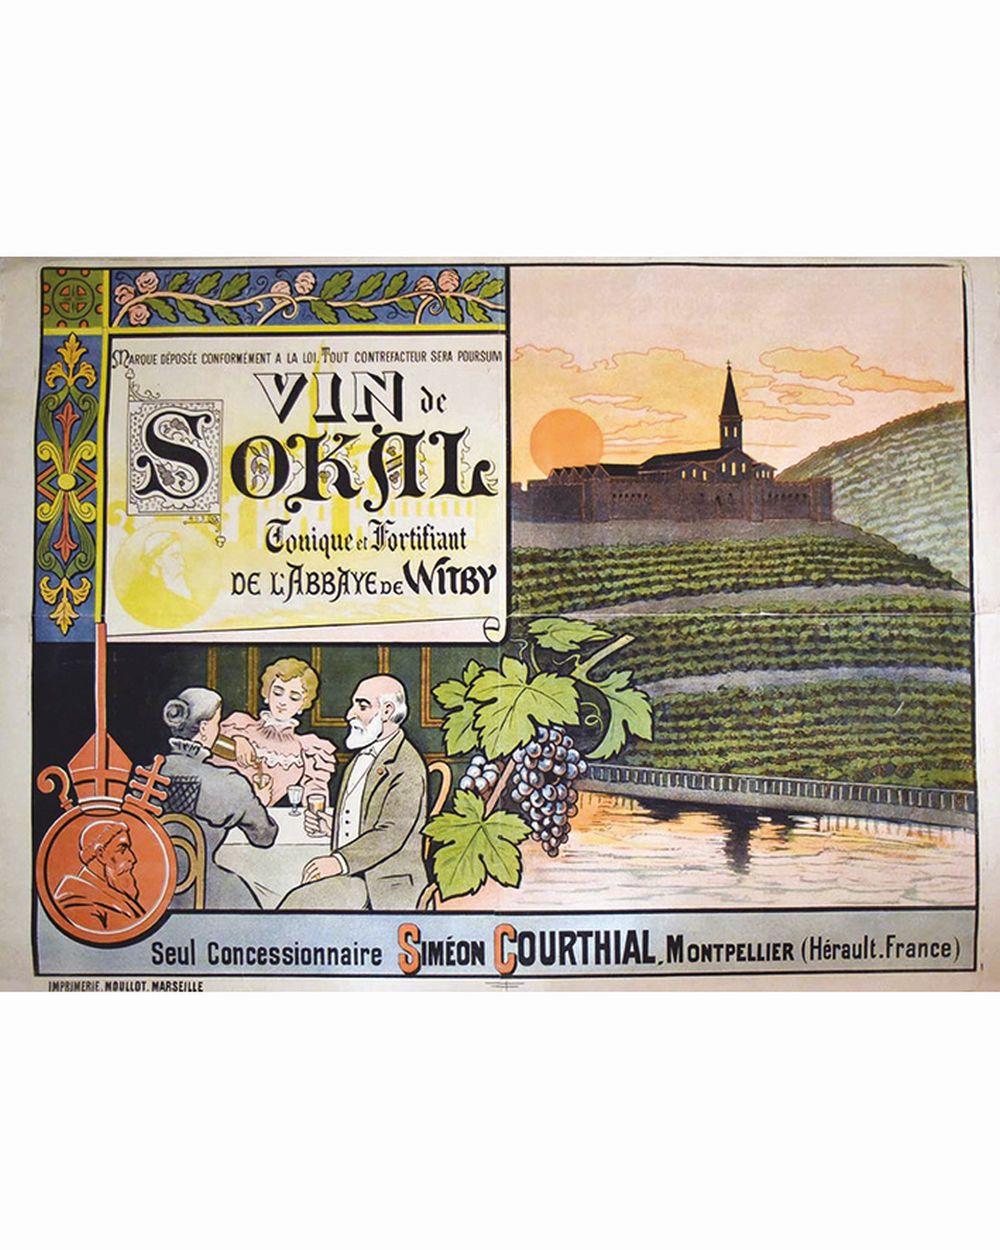 Witby - Vin de SoKal- Tonique & Fortifiant de l'Abbaye de Witby - Simeon Courthial Concessionaire     vers 1900  Montpellier (Hérault)